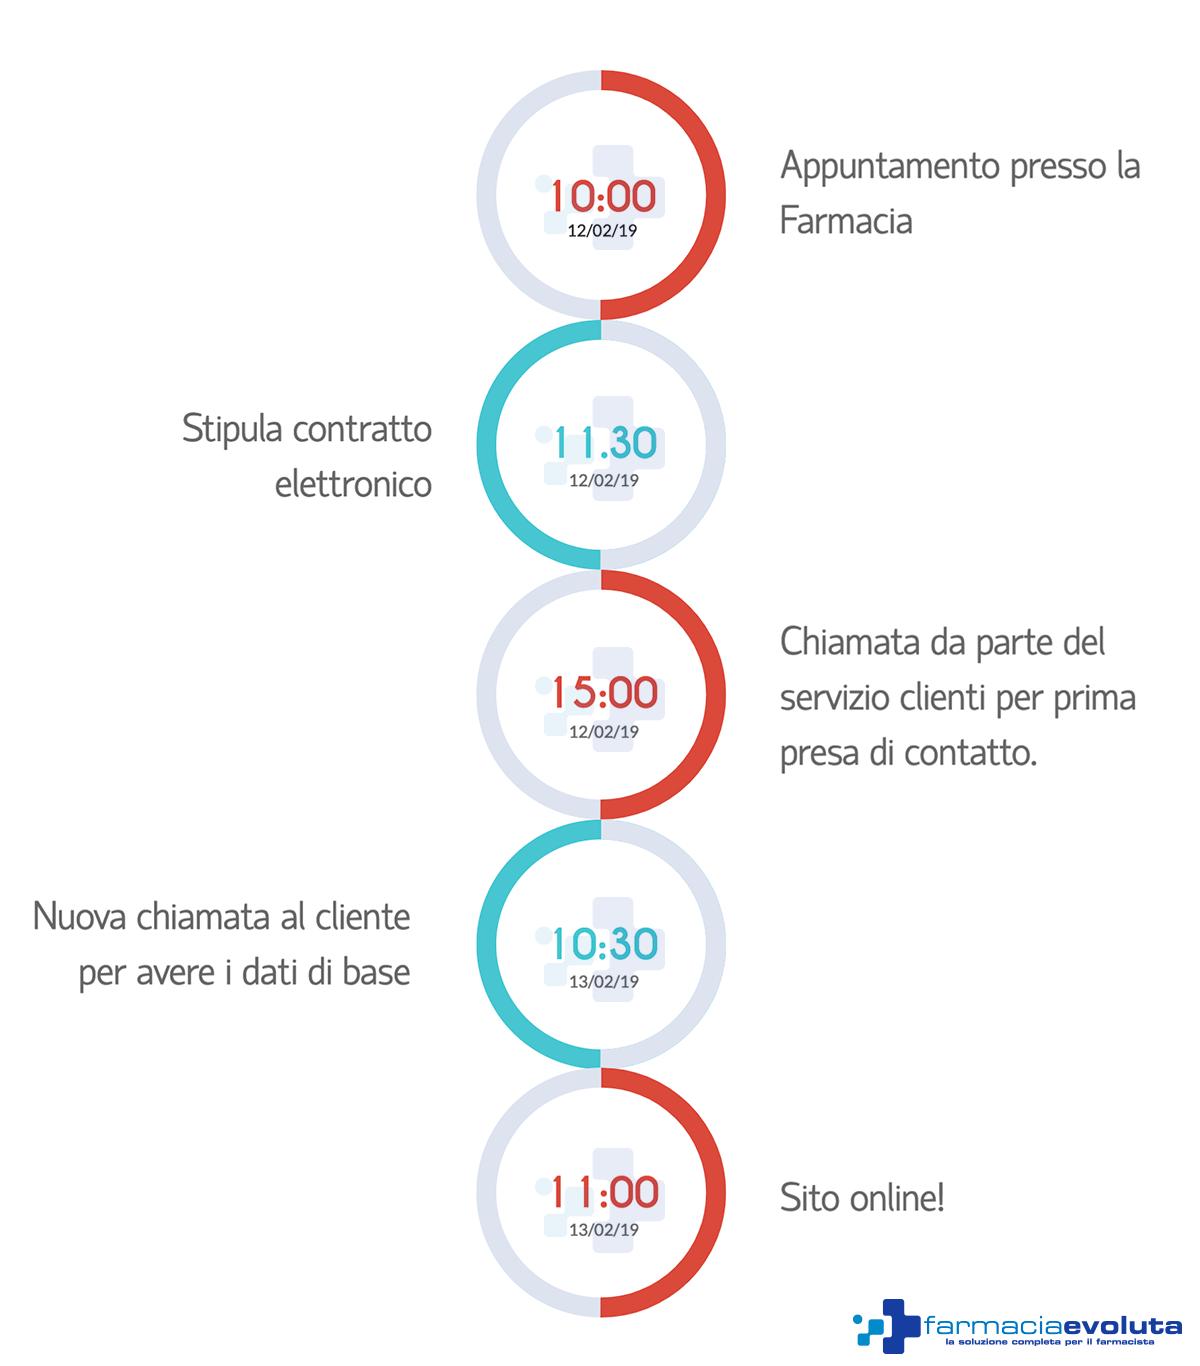 tempistica farmacia evoluta